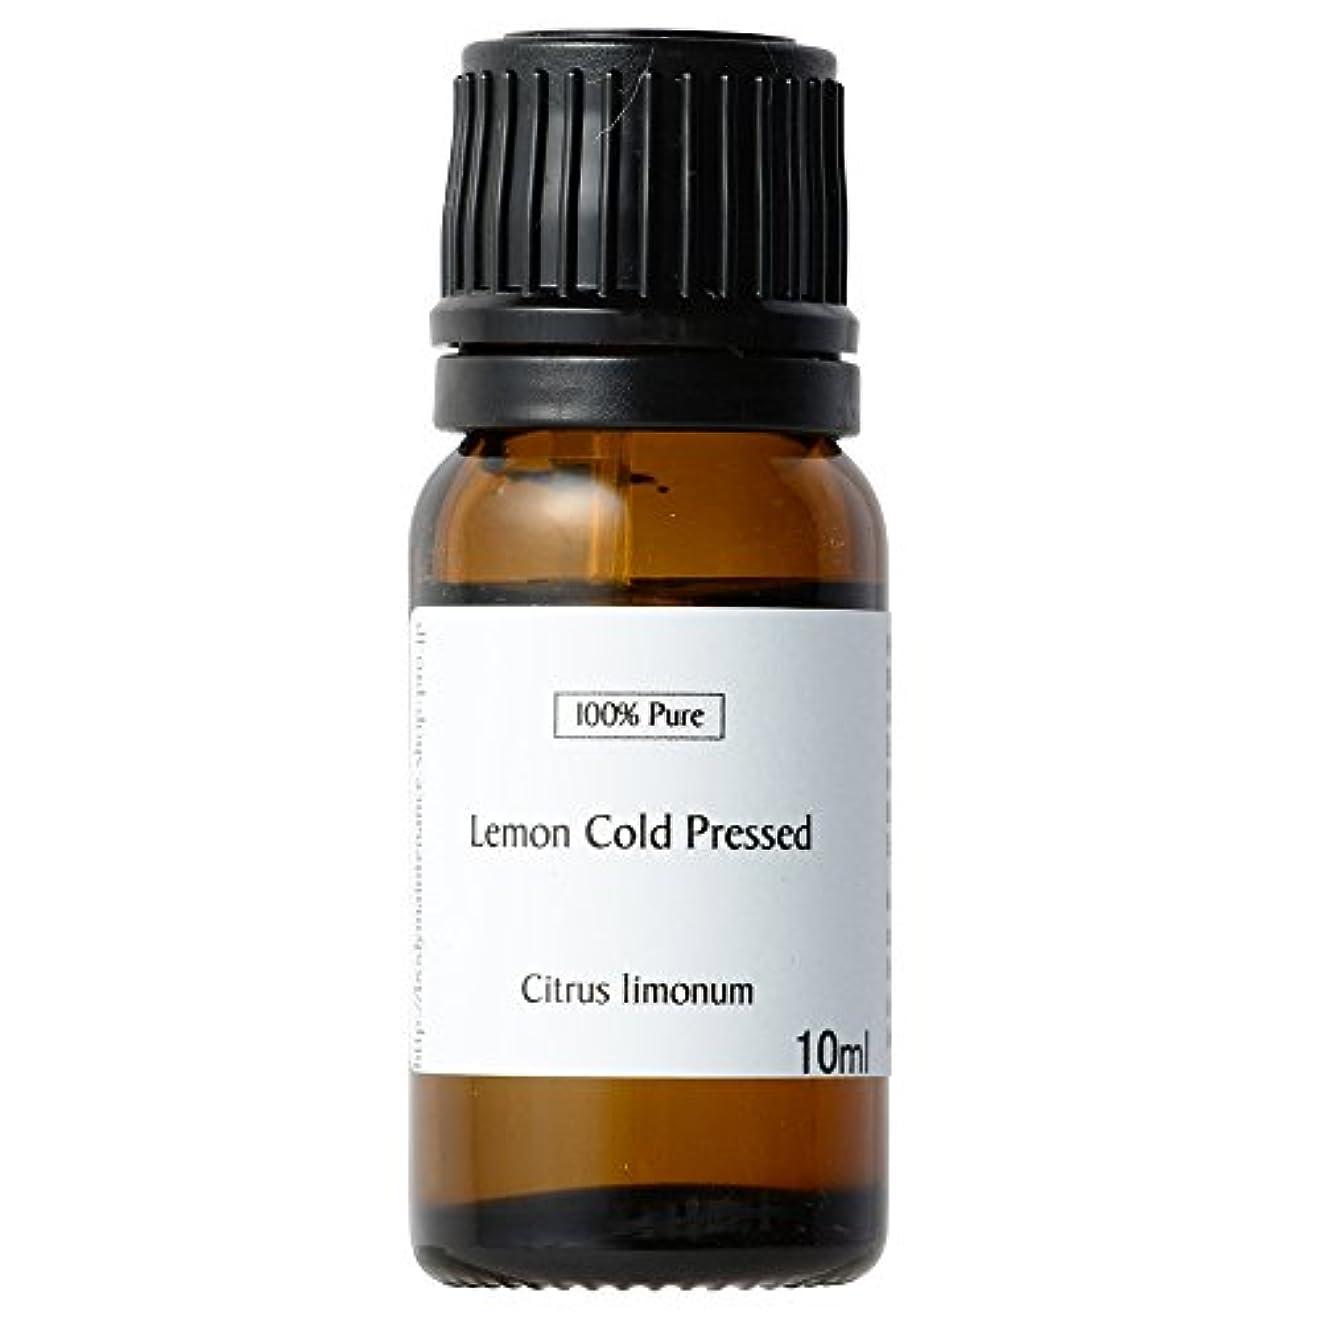 油報復蒸レモンコールドプレストエッセンシャルオイル 10ml イタリア産